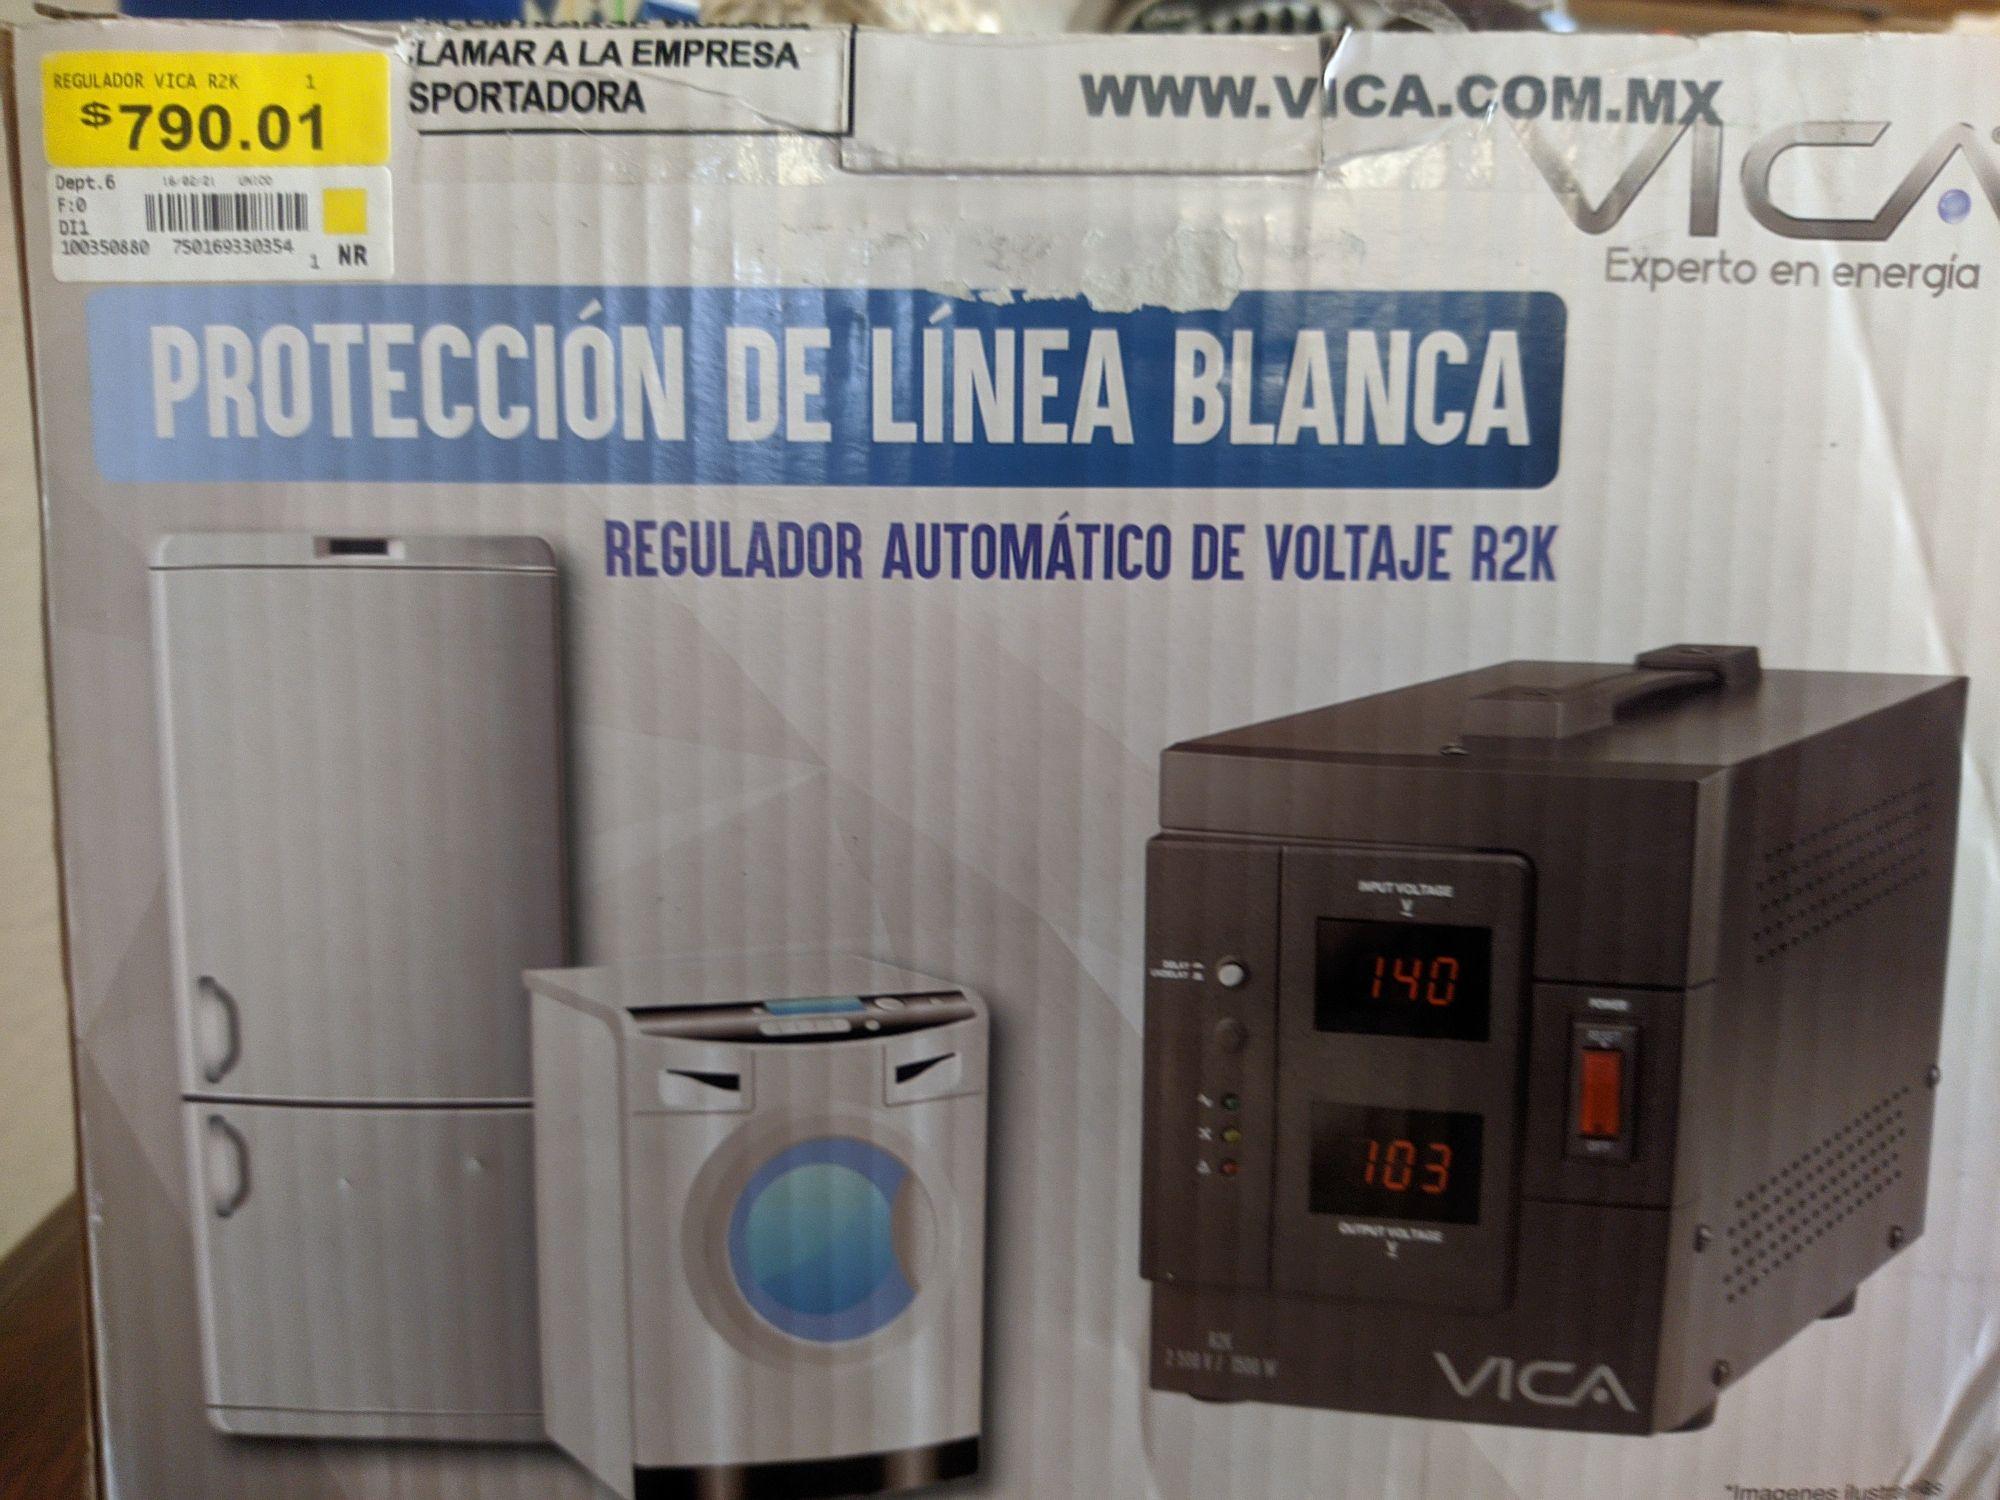 Walmart Regulador Vica para linea blanca en última liquidación